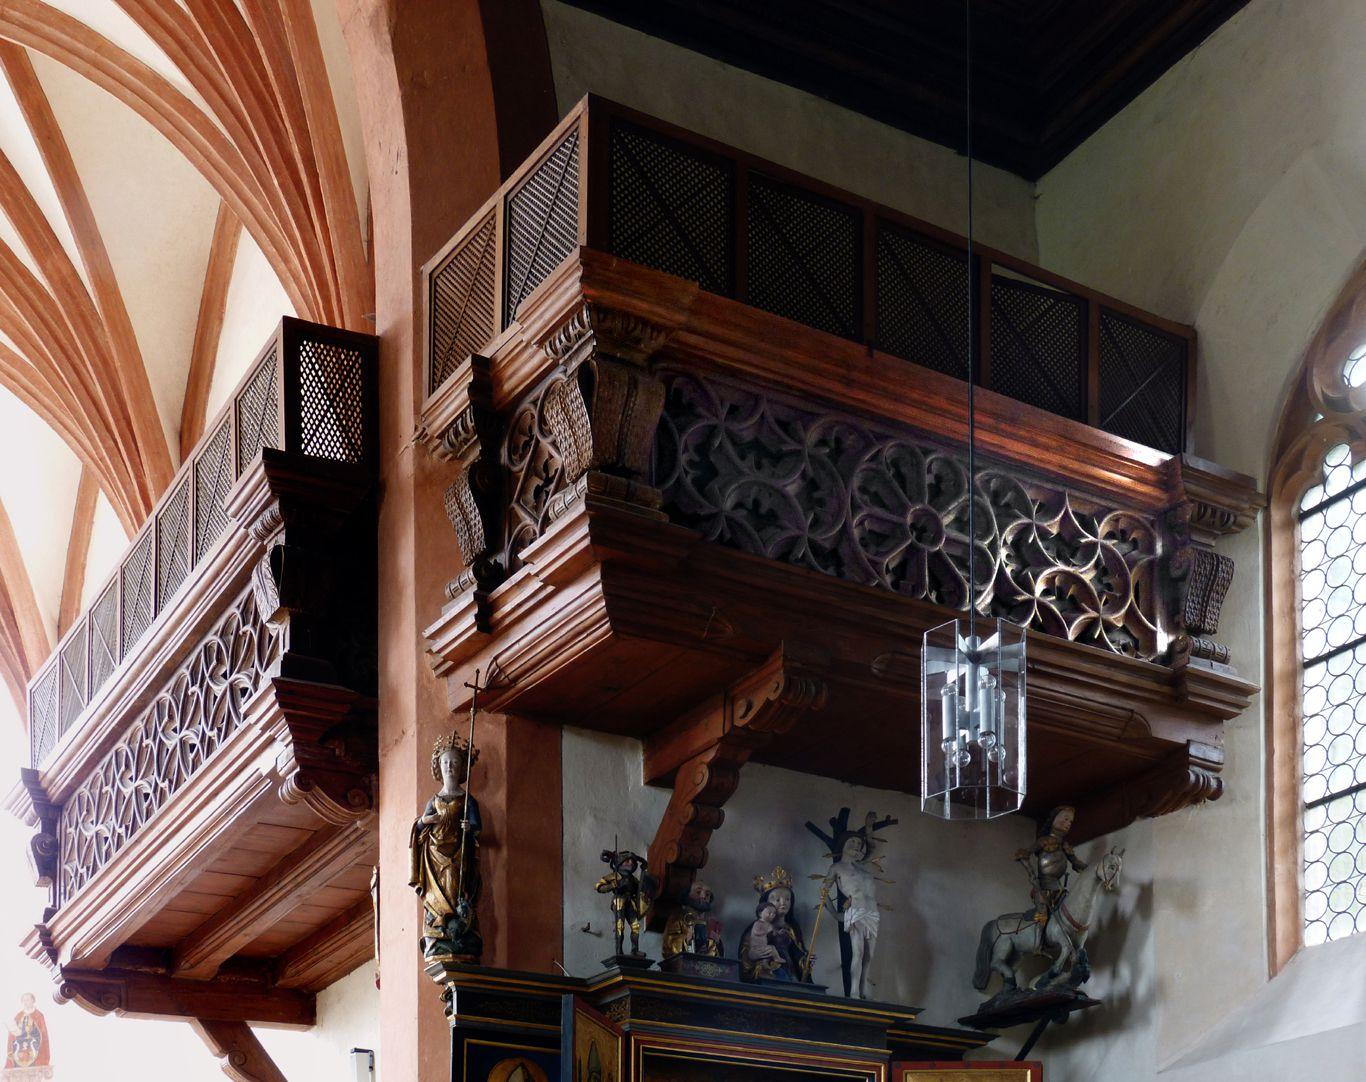 Holzemporen in der Kirche St. Marien und Christophorus, Kalbensteinberg Herrschaftsloge, Nord- und Westseite